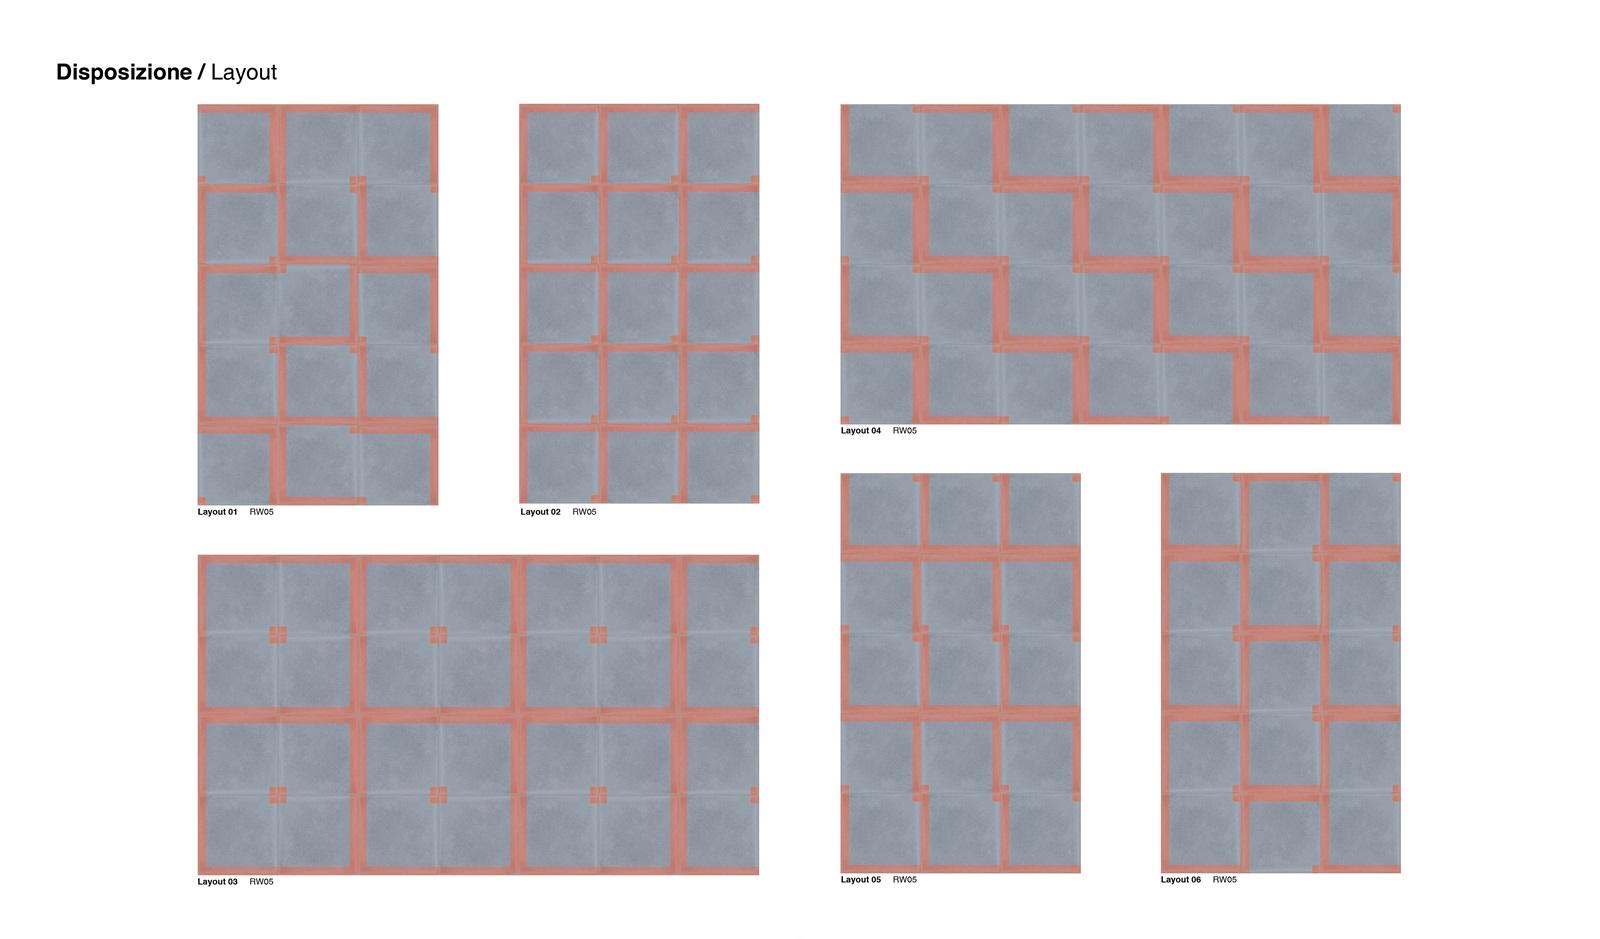 codifiche Rewind pavimenti sansone